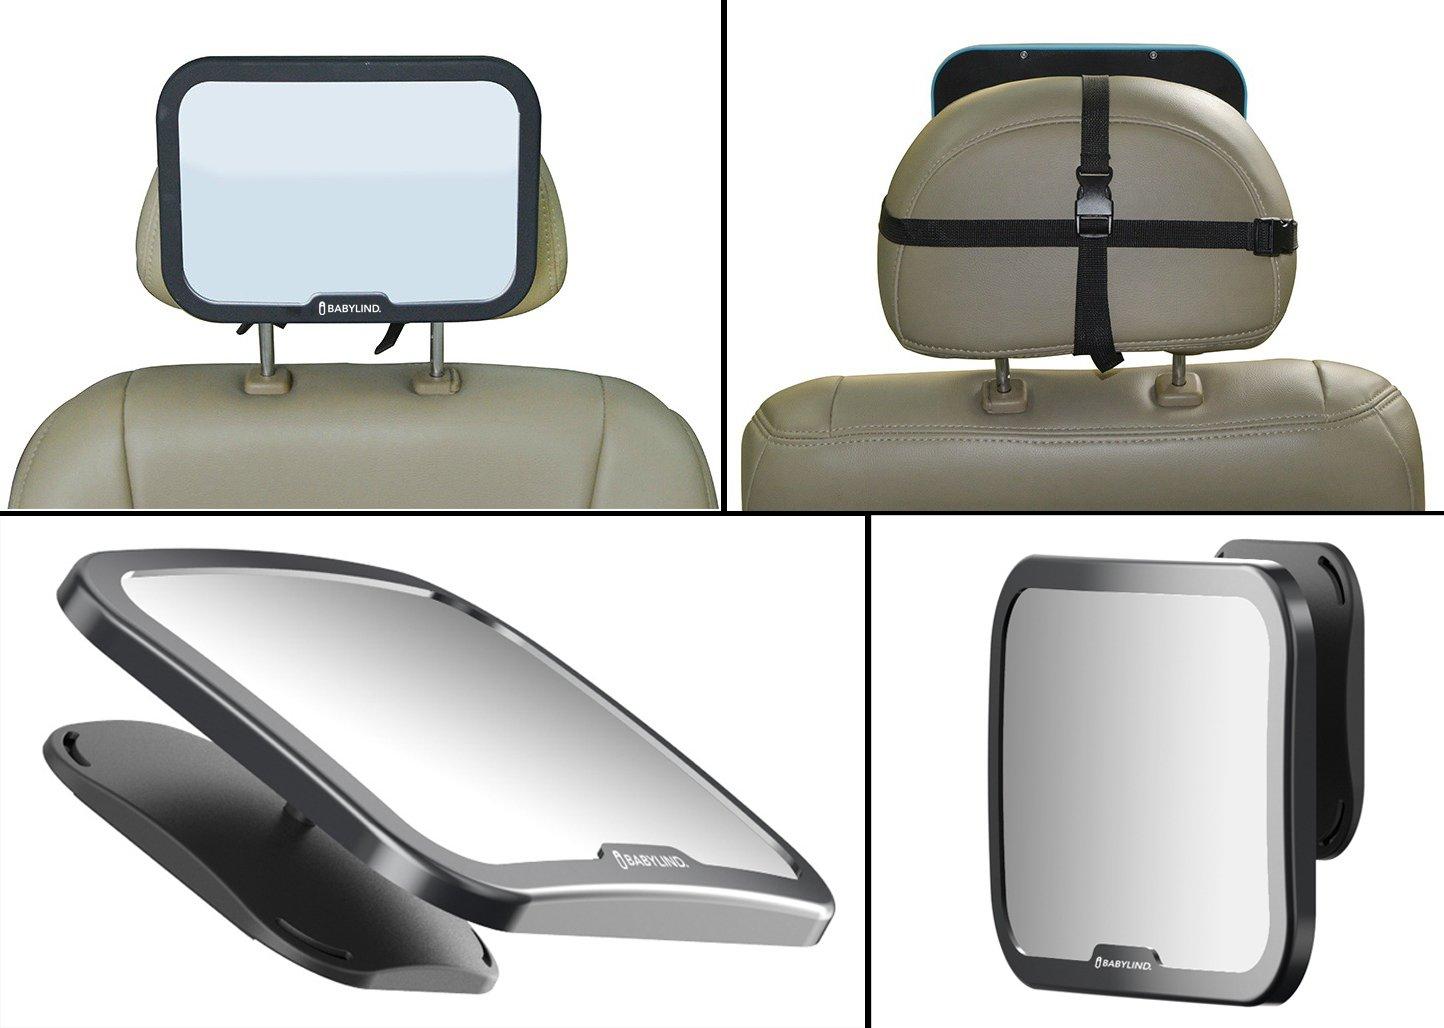 TiooDre WisFox beb/Ã del espejo de coche para ni/Ã/±os espejo retrovisor del coche para el beb/Ã y la madre mirando hacia atr/Ã/¡s Ver ajustable medio